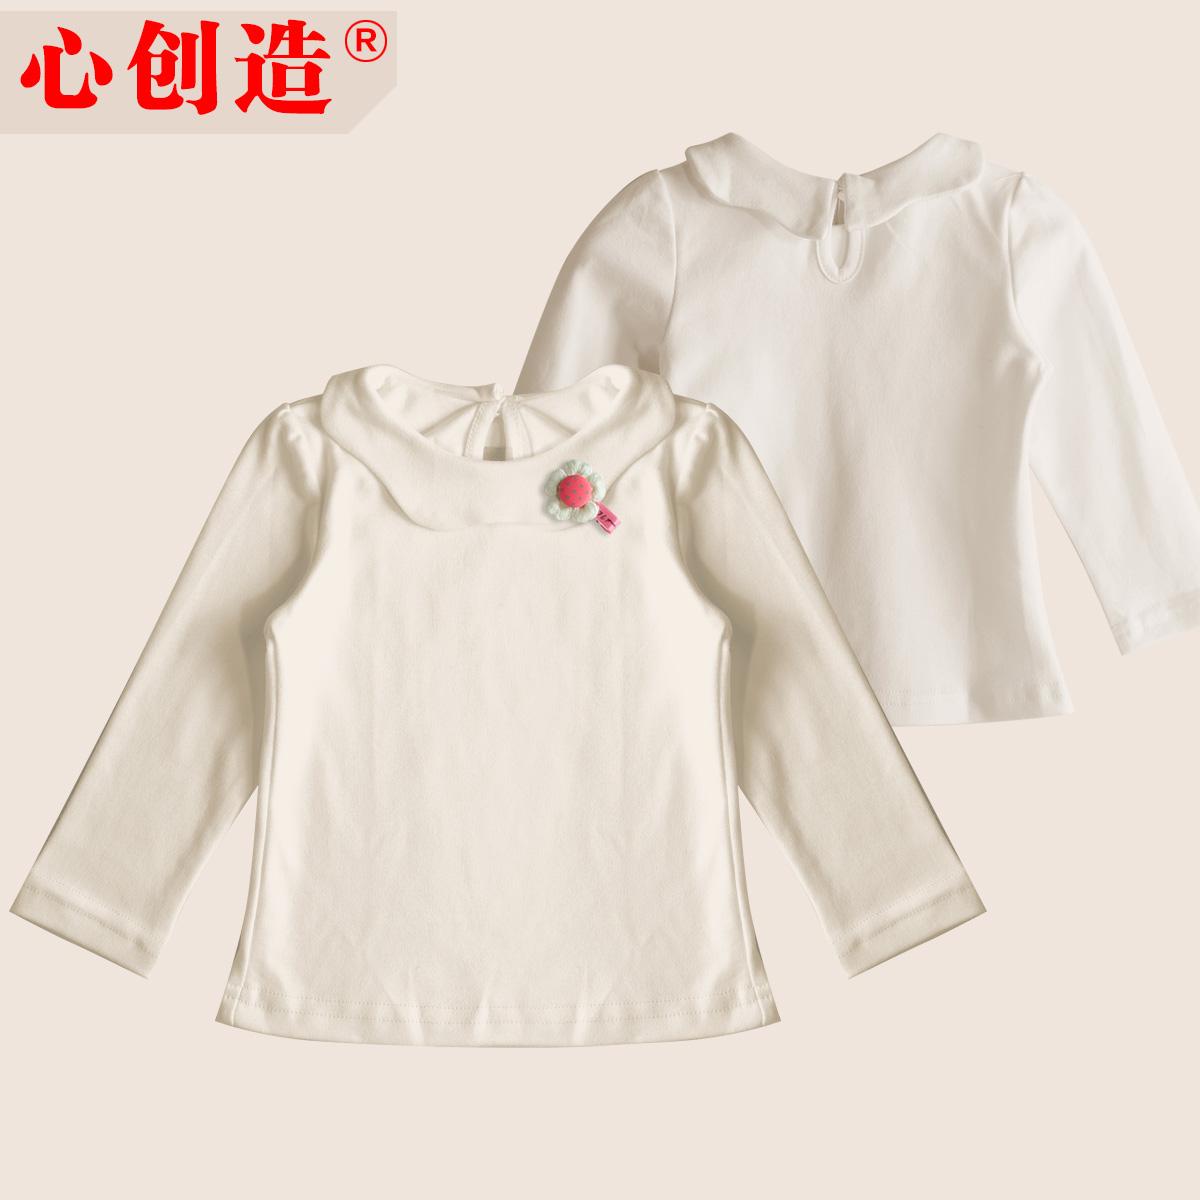 女寶寶純棉圓領百搭打底衫